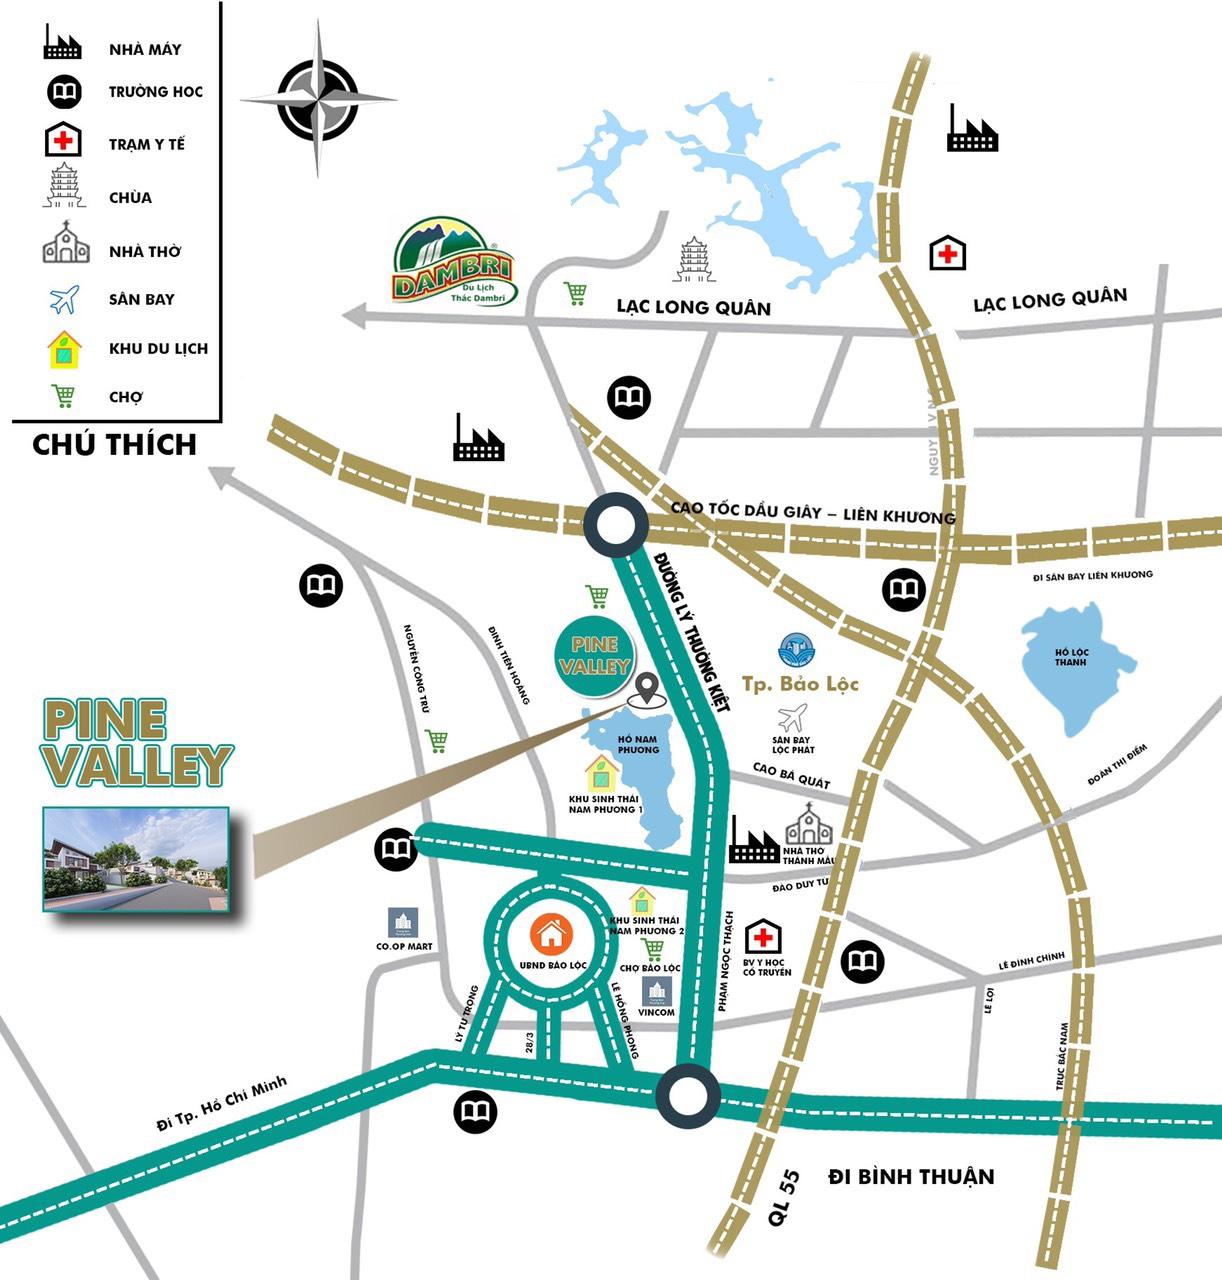 vị trí dự án pine valley bảo lộc